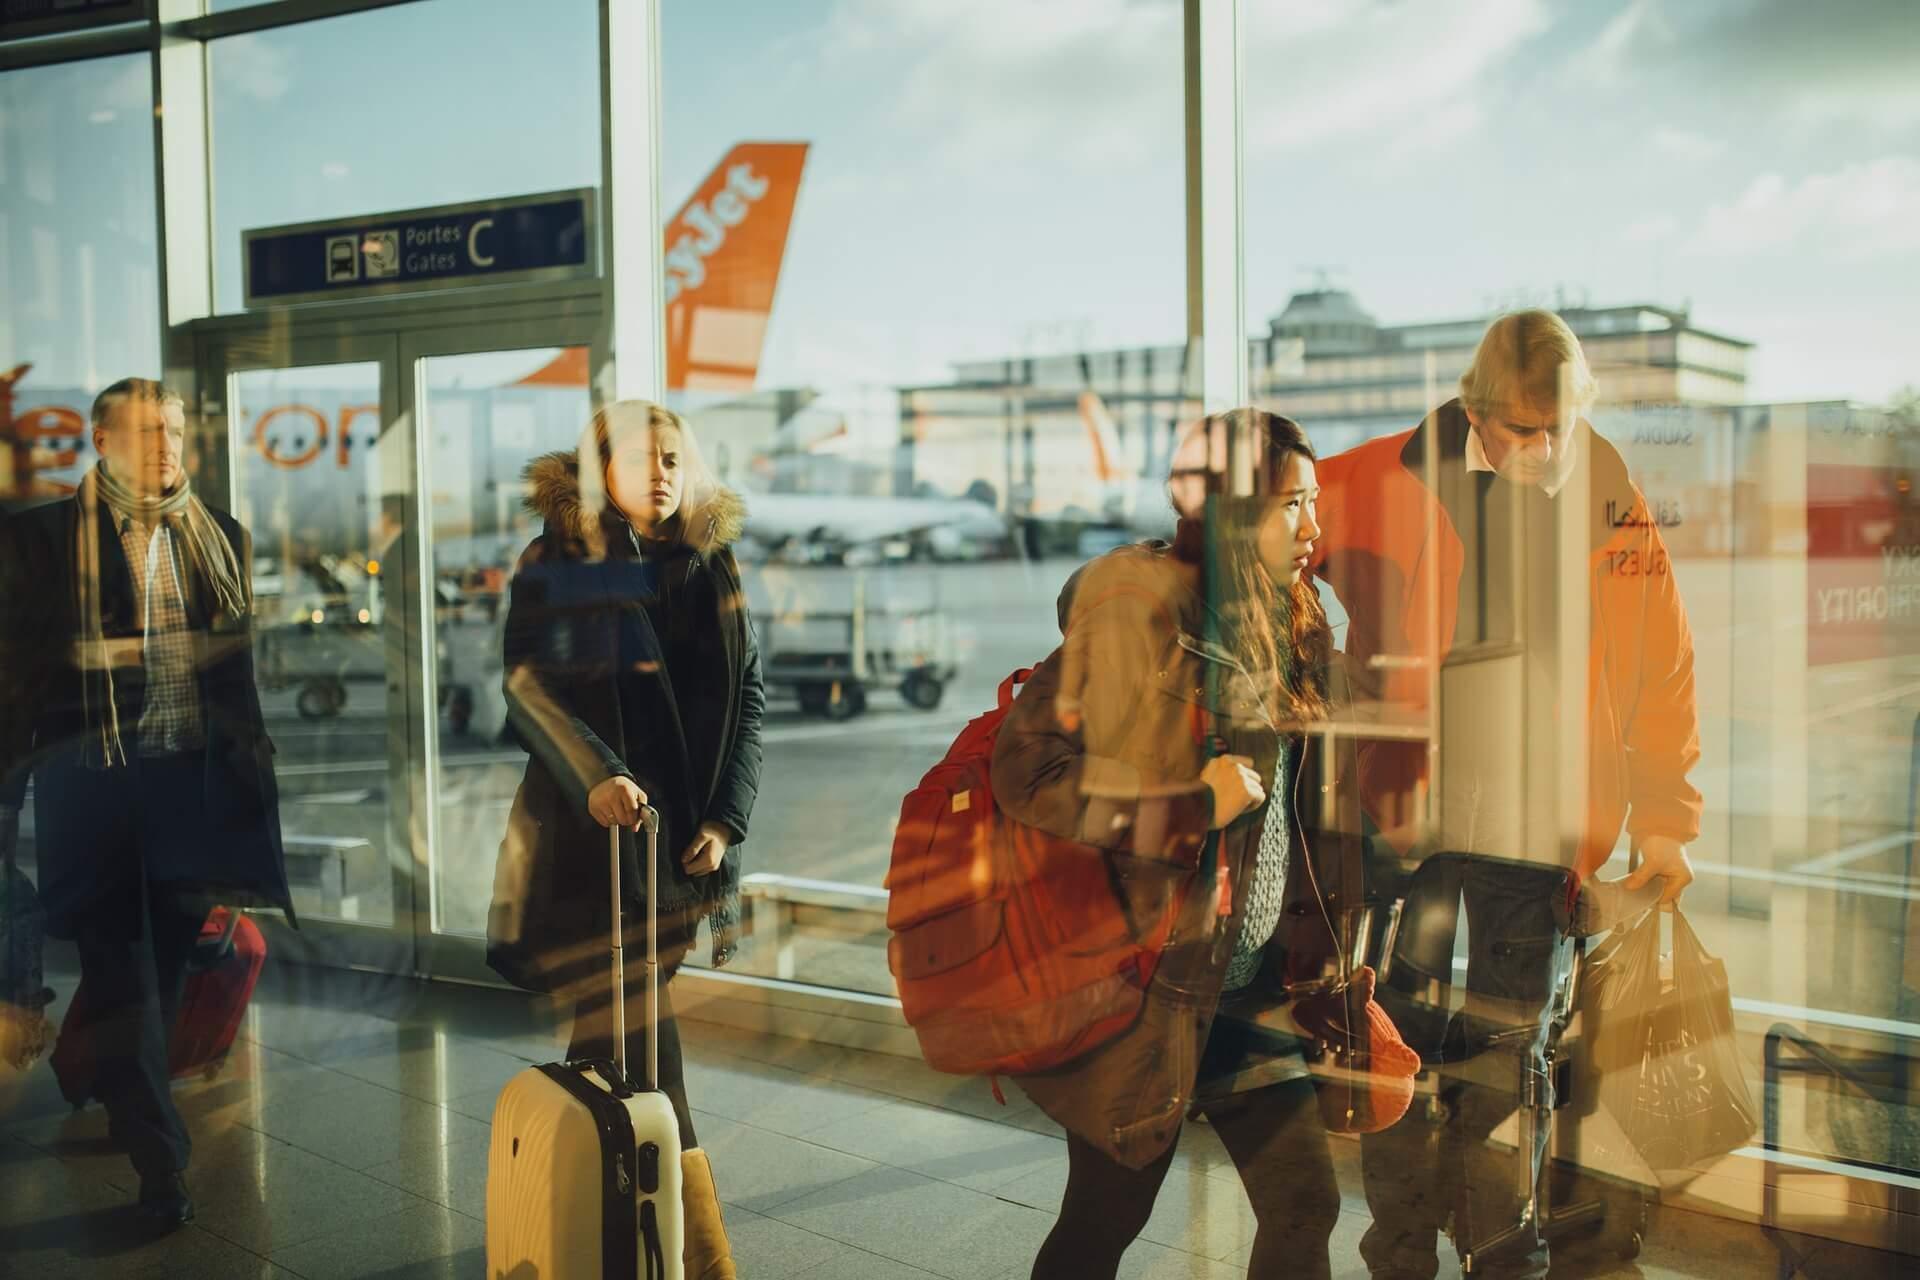 Reisende mit Gepäck am Flughafen